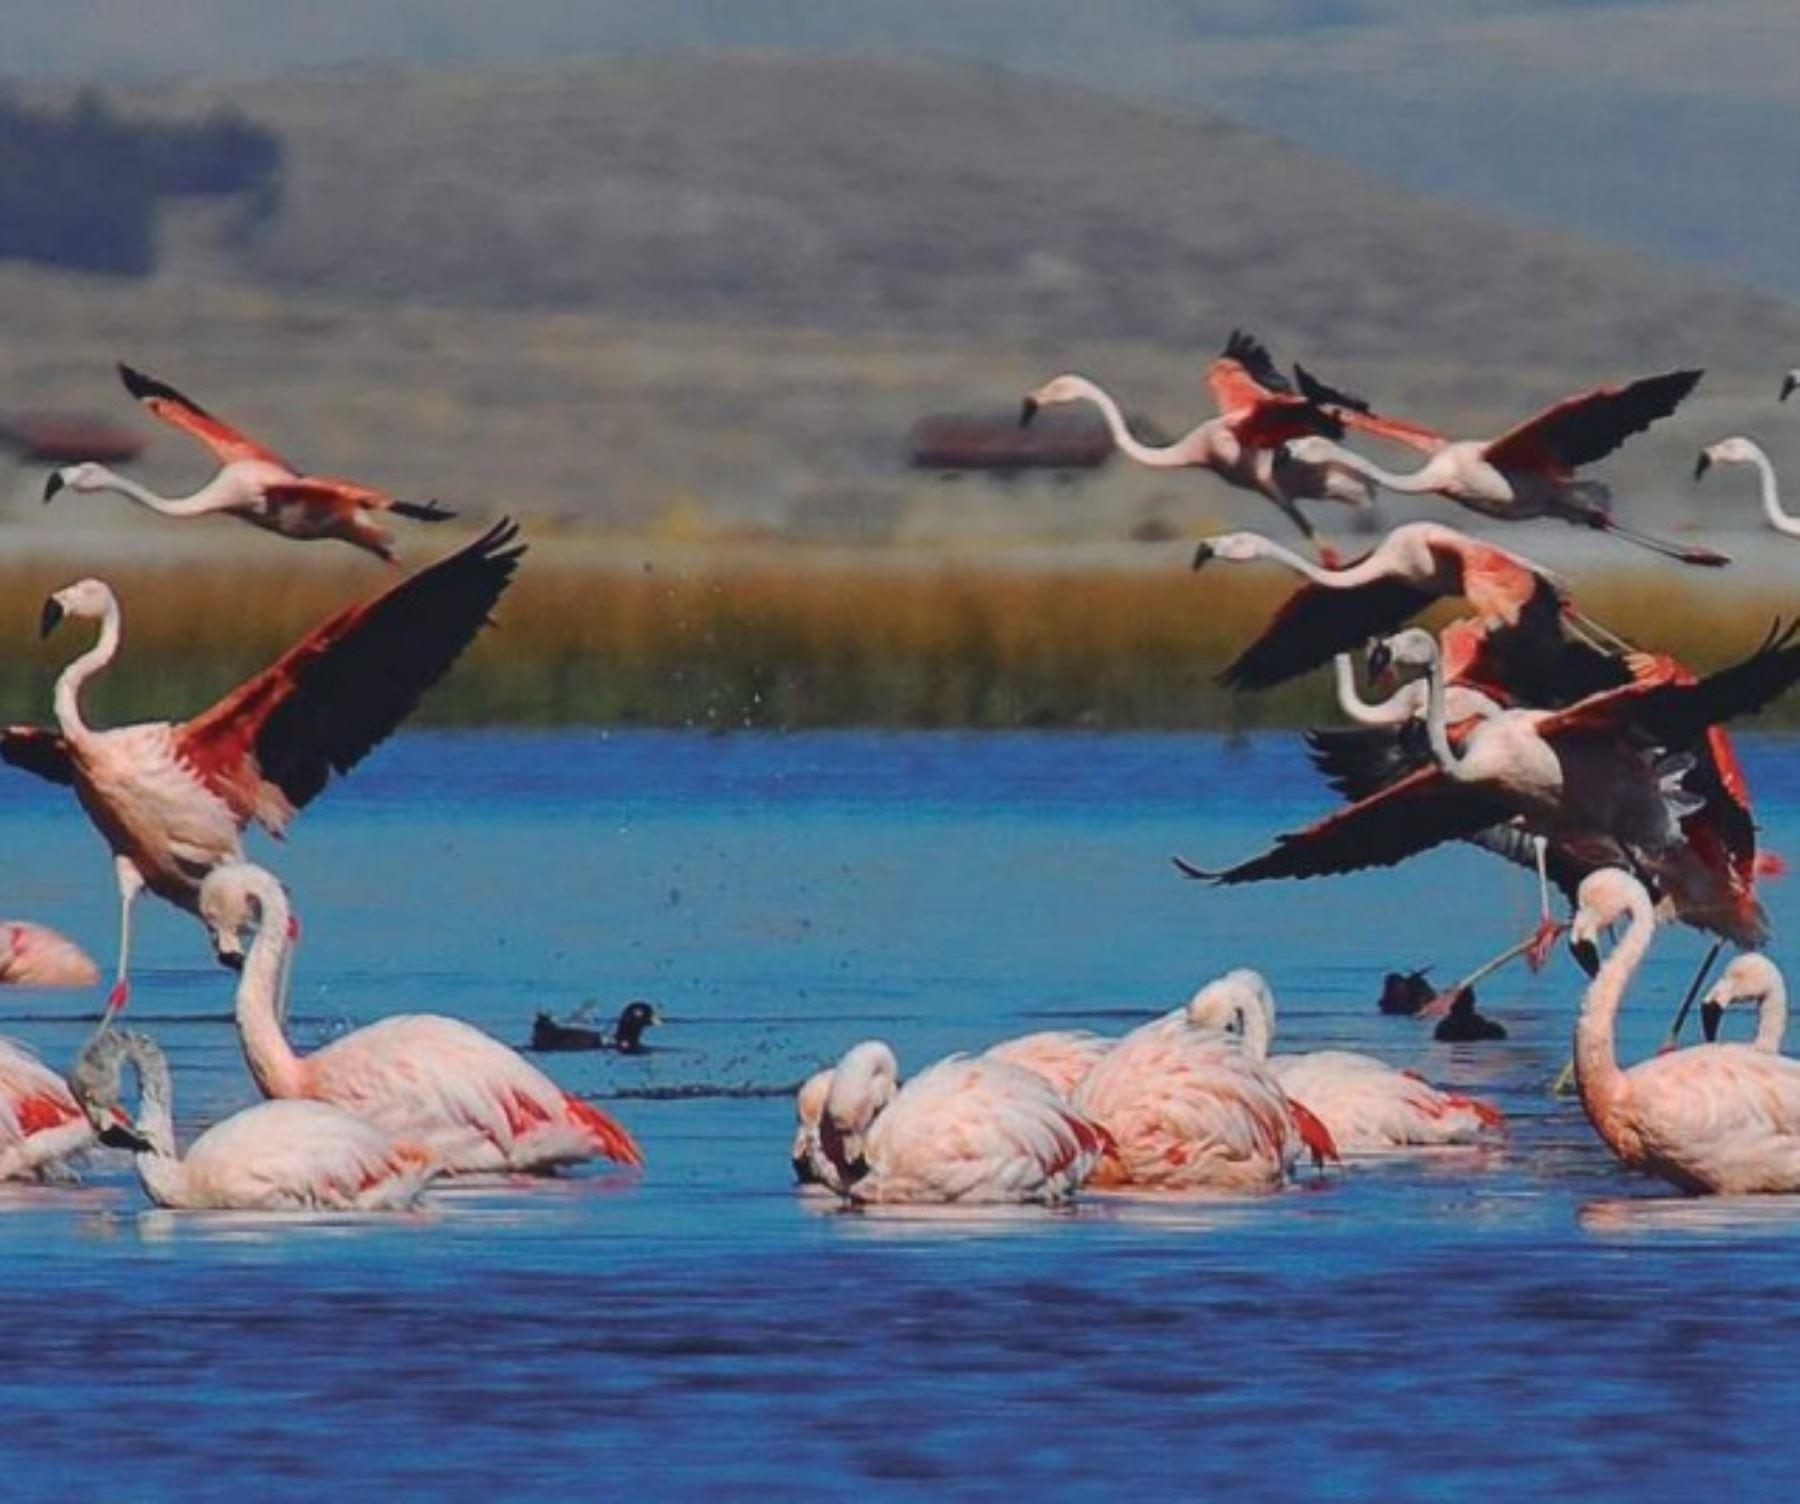 El próximo 2 de febrero se celebrará el Día Mundial de los Humedales. En esta efeméride se conmemora la elaboración de la Convención sobre Conservación de Humedales y Aves Acuáticas, conocida también como la Convención de Ramsar, la cual busca preservar aquellos humedales que son de suma importancia a escala mundial.